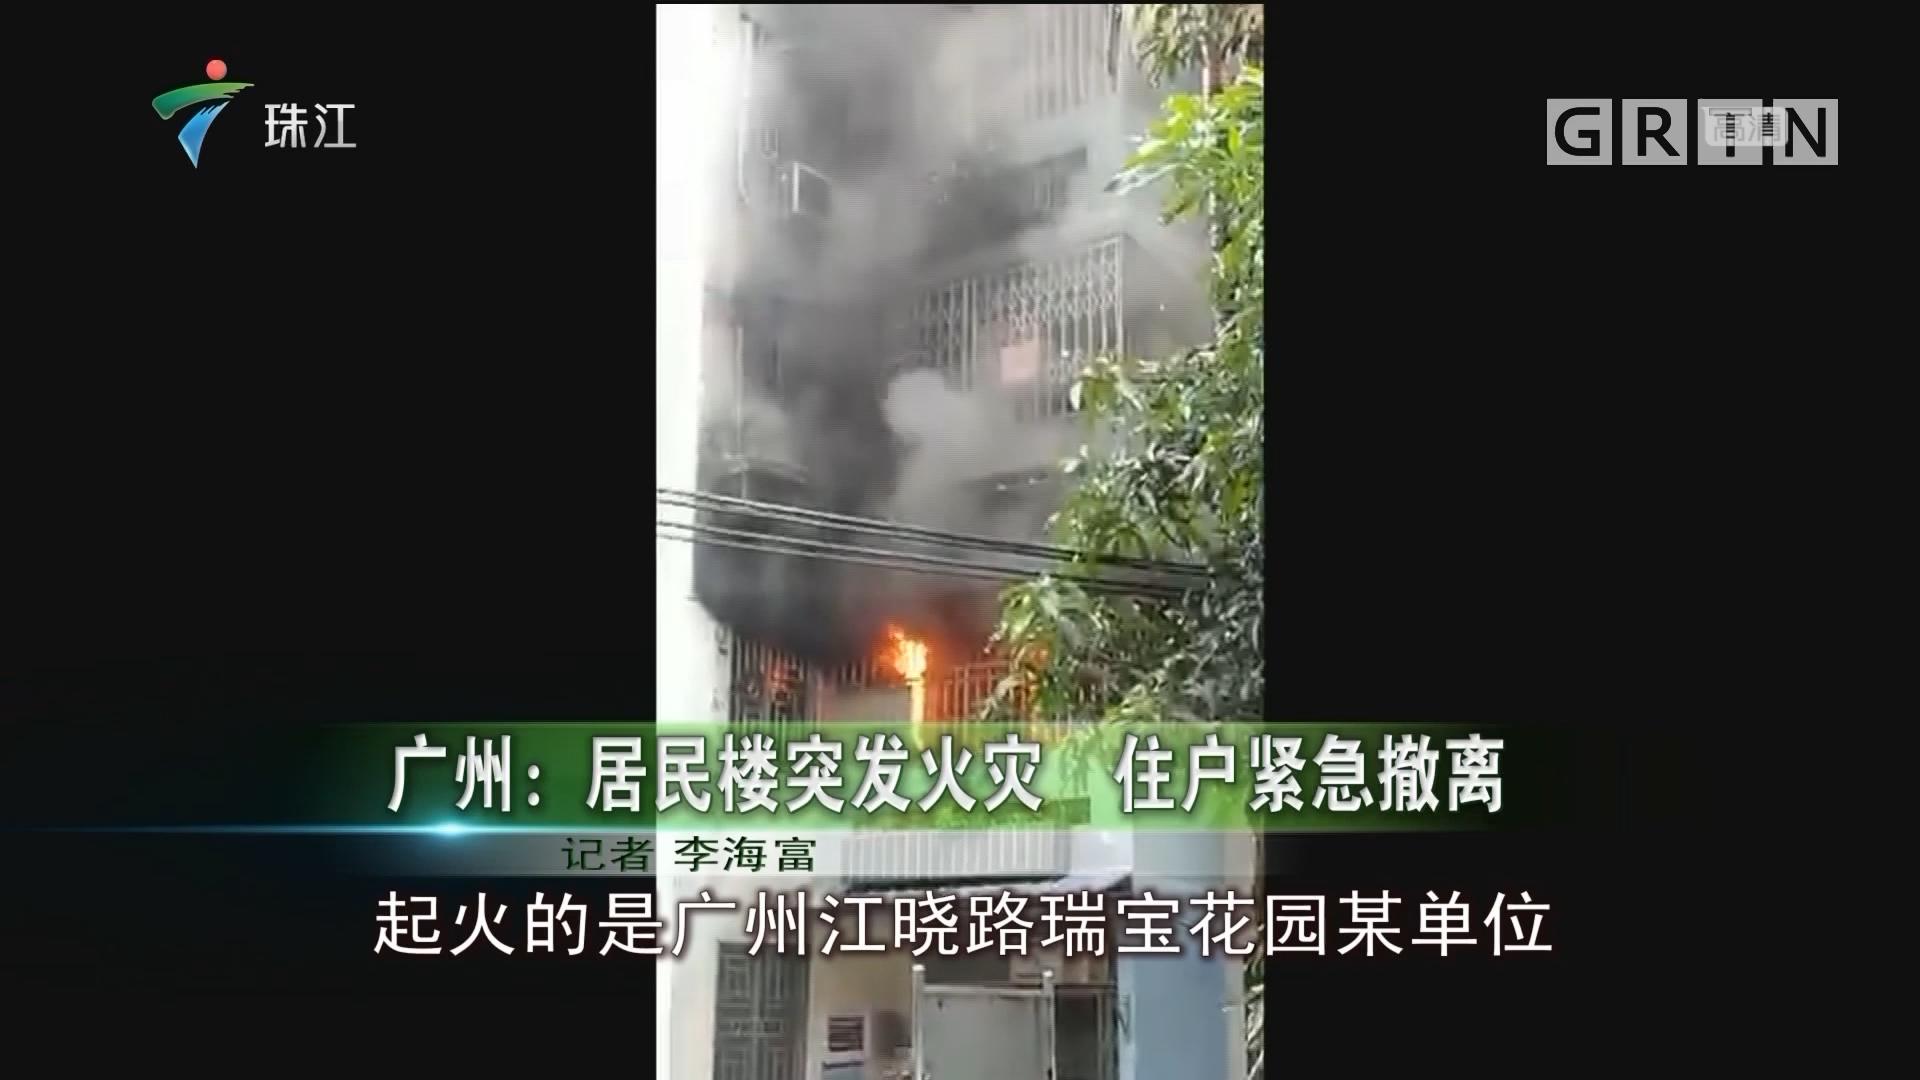 广州:居民楼突发火灾 住户紧急撤离